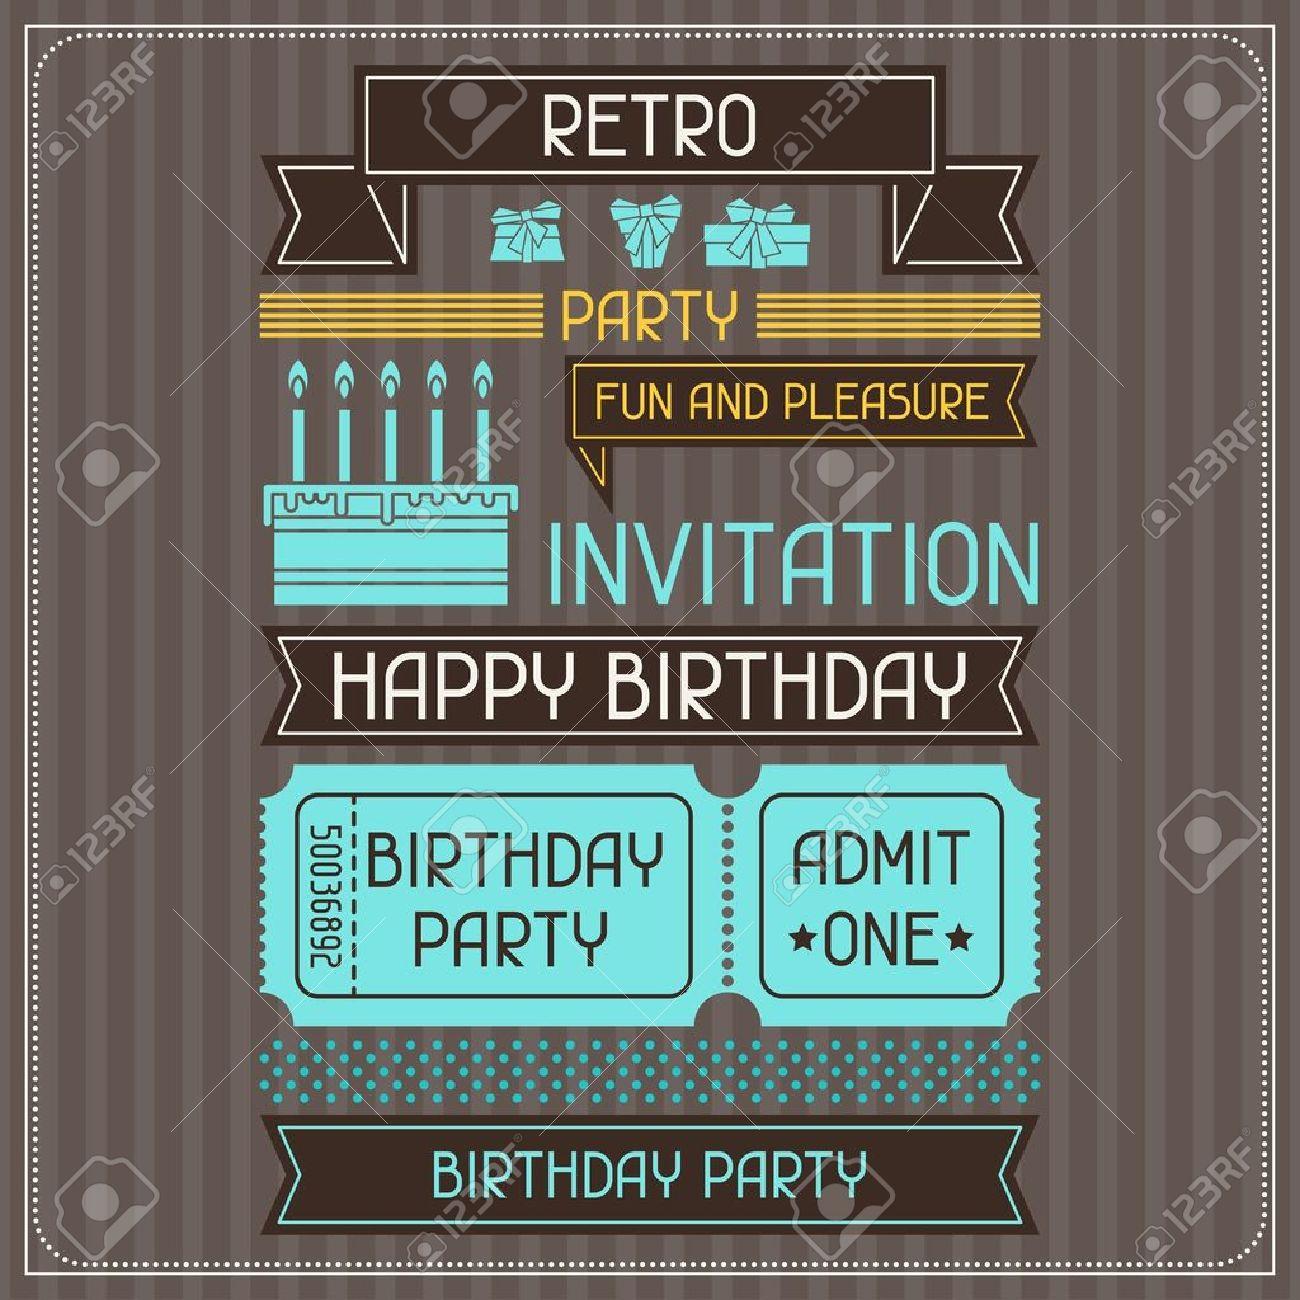 Tarjeta De Invitación Para Cumpleaños En Estilo Retro